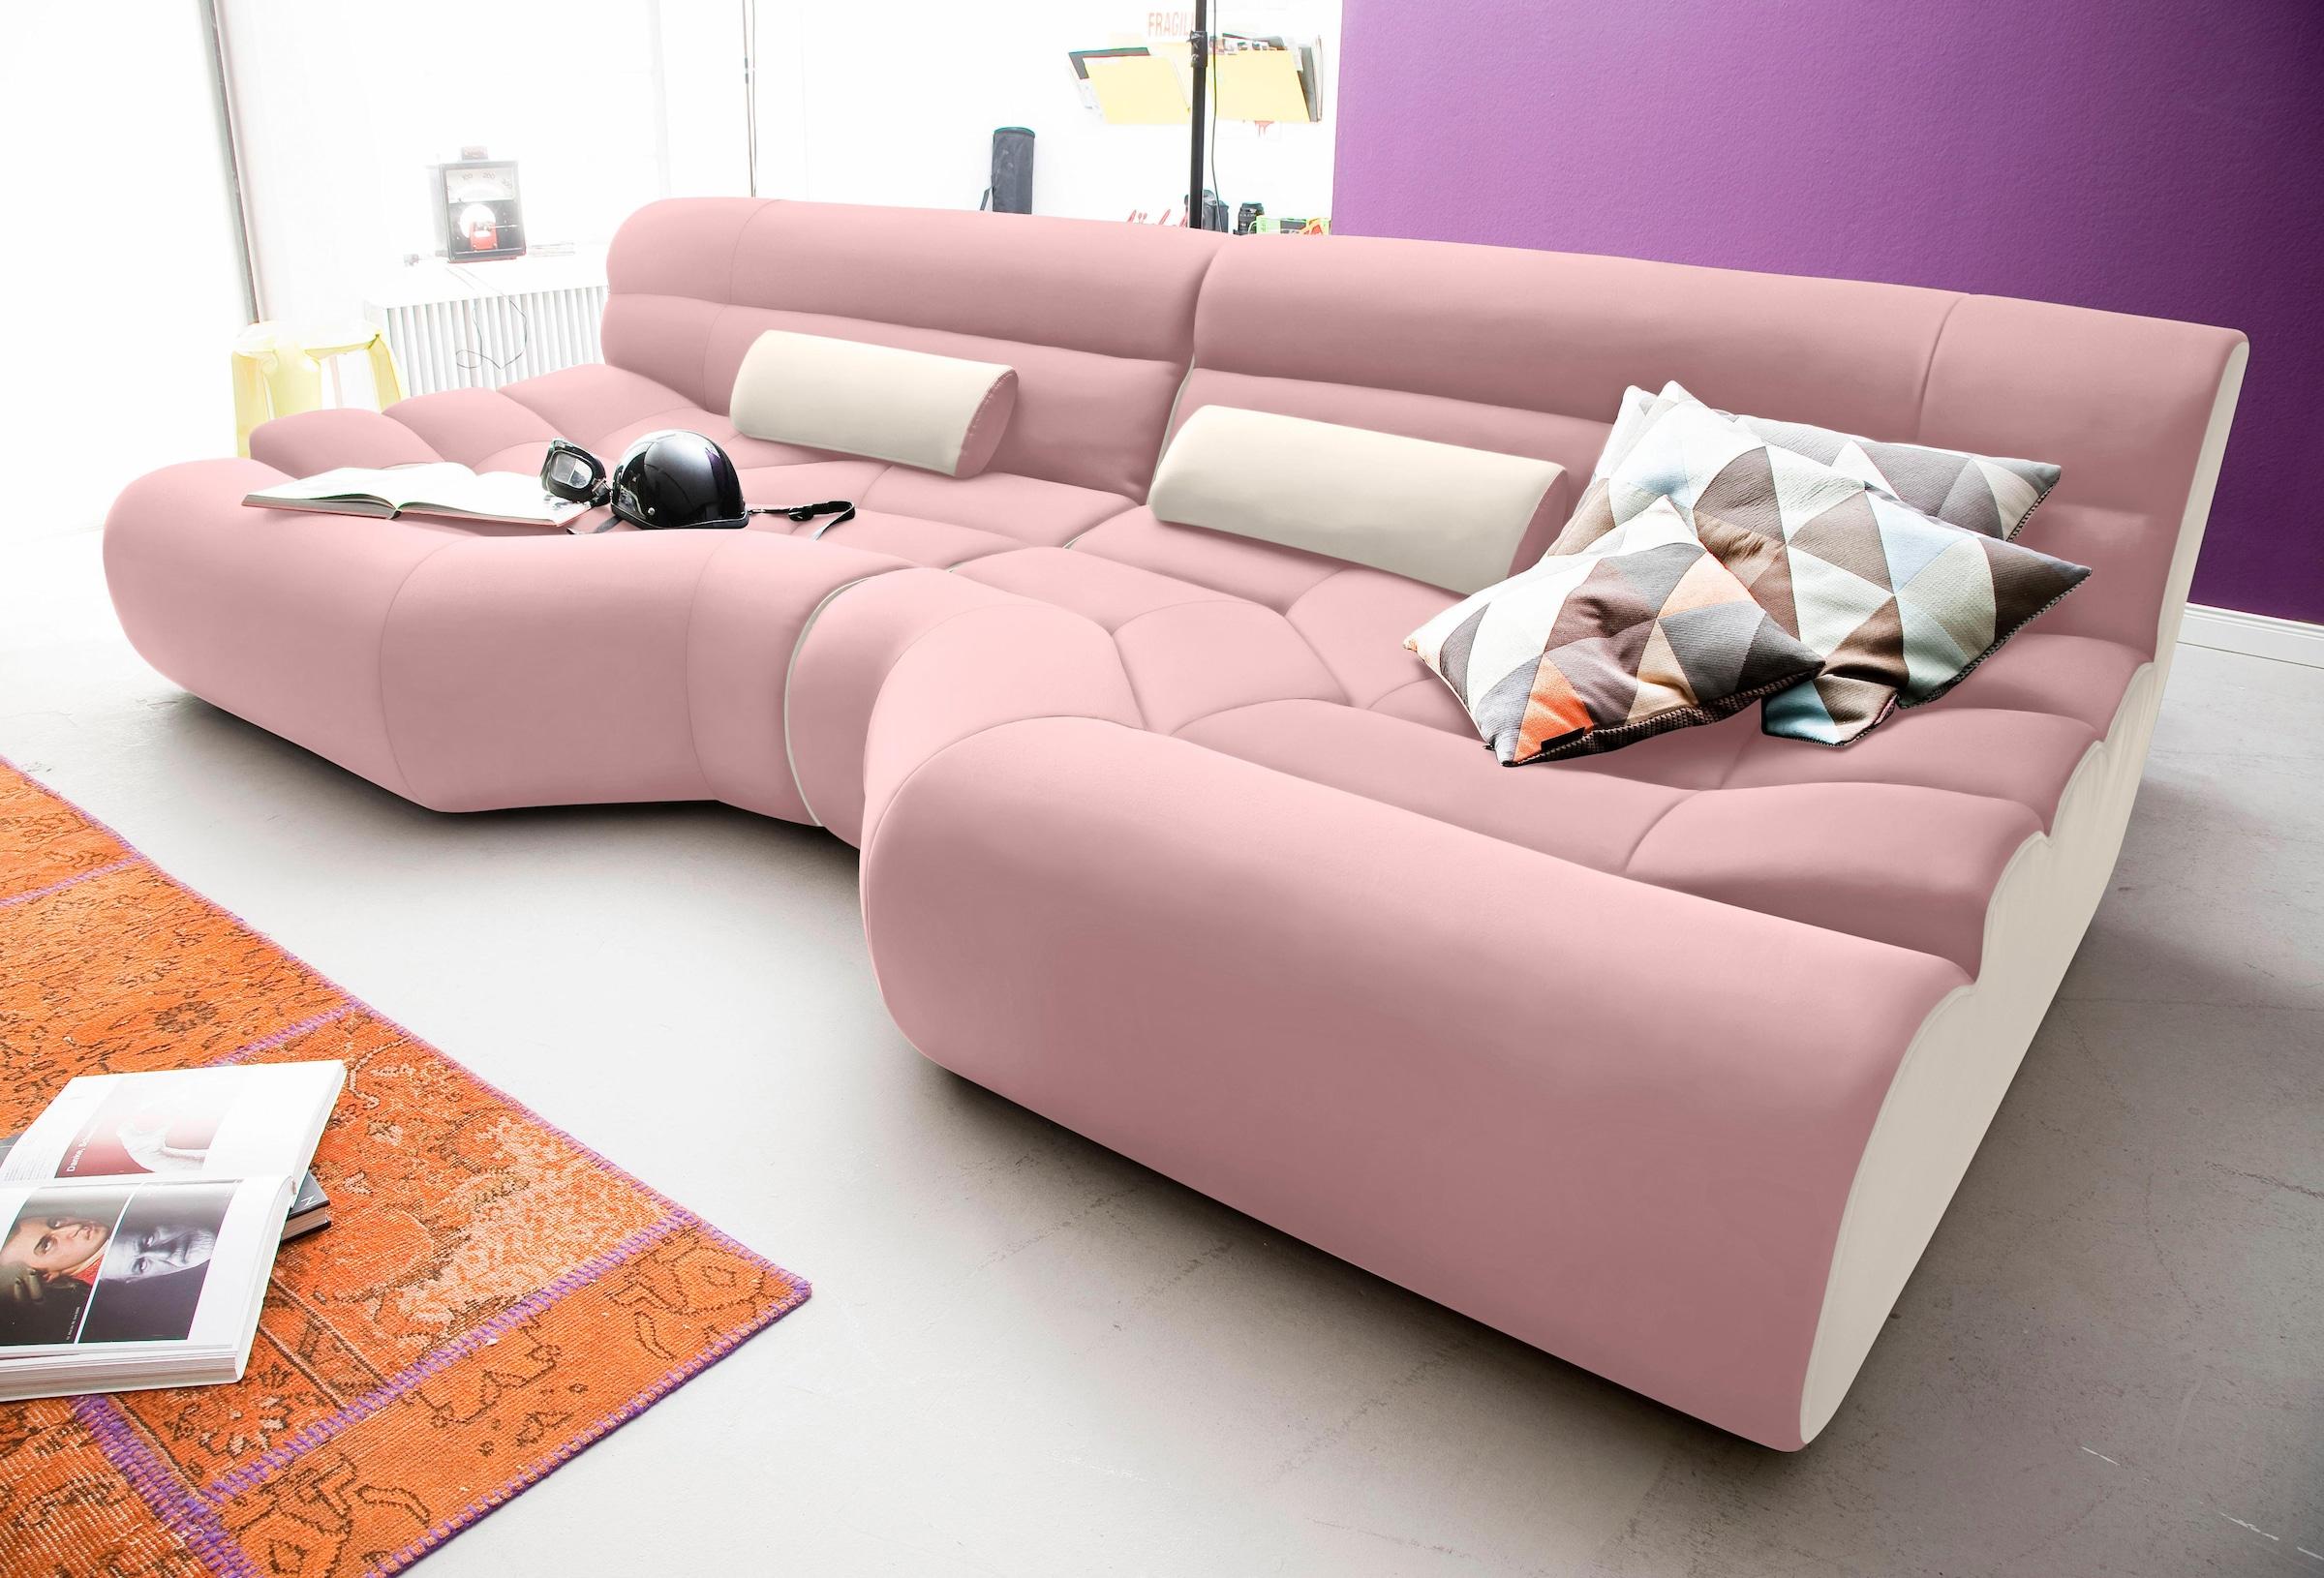 Kondenstrockner Rosa : Rosa bigsofas online kaufen möbel suchmaschine ladendirekt